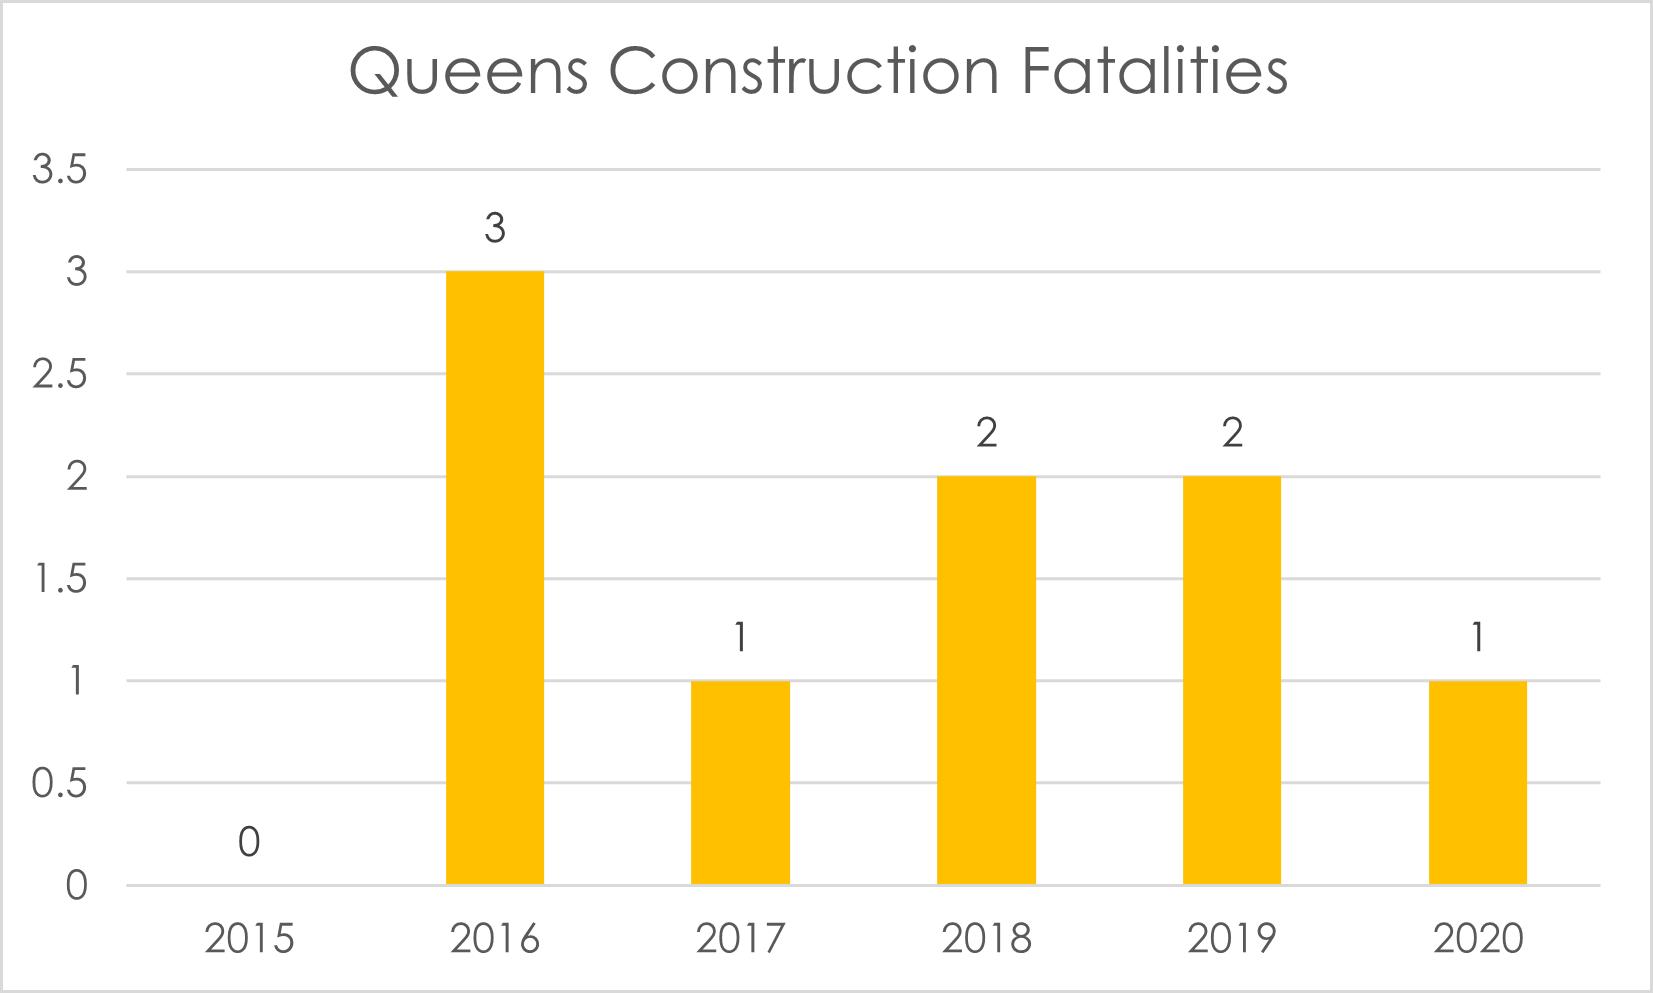 Construction-fatalities-in-Queens-in-2020